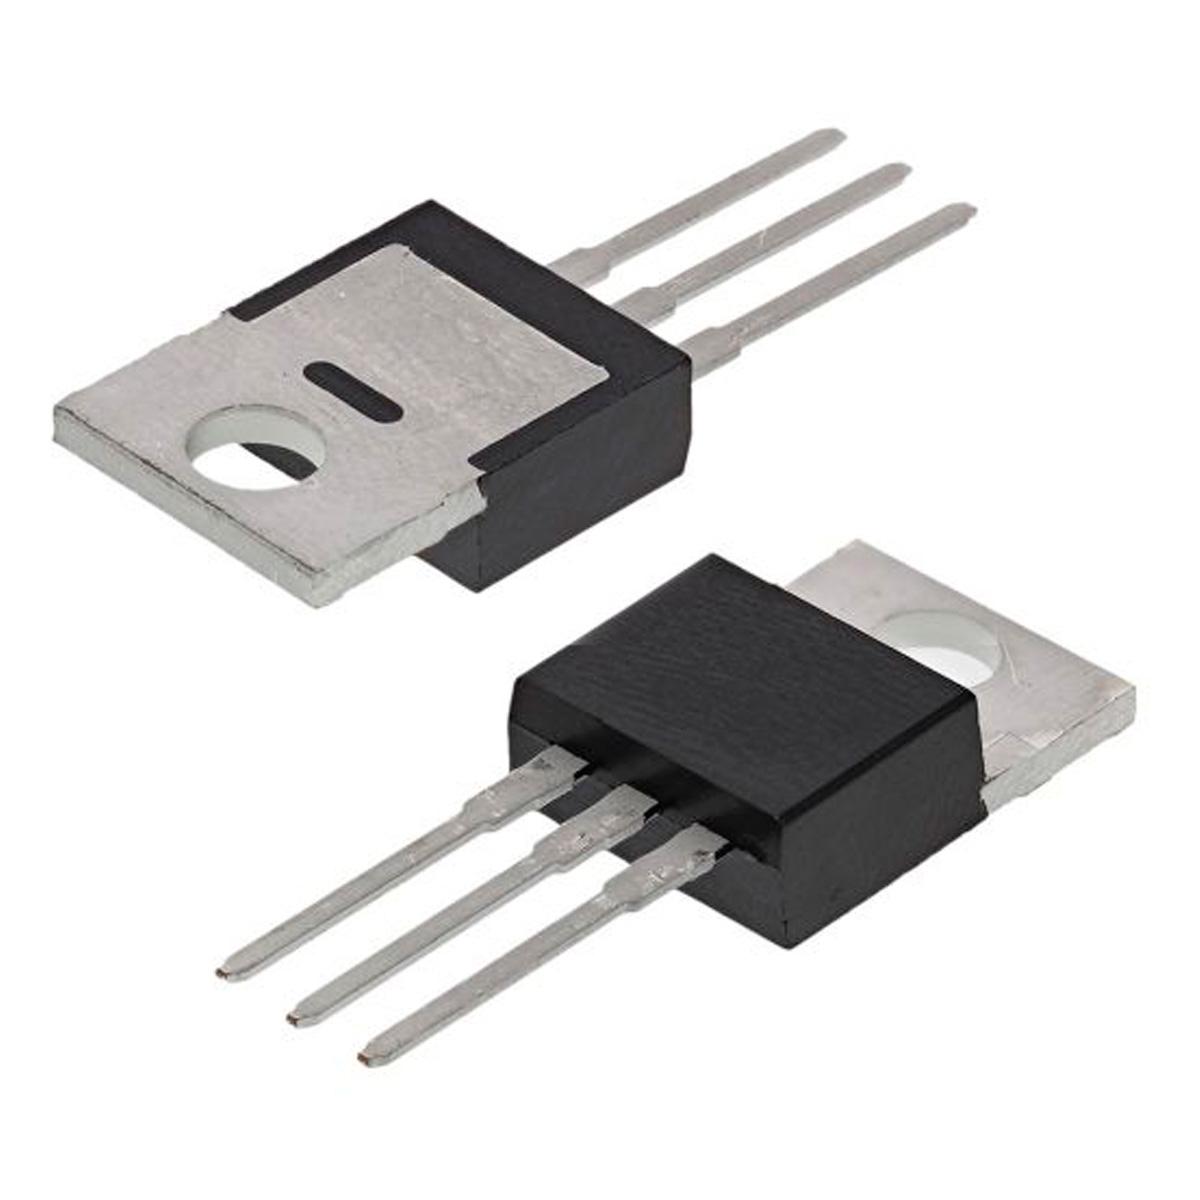 Circuito Transistor : Circuito integrado lm337t = b3370v u003e circuitos integrados